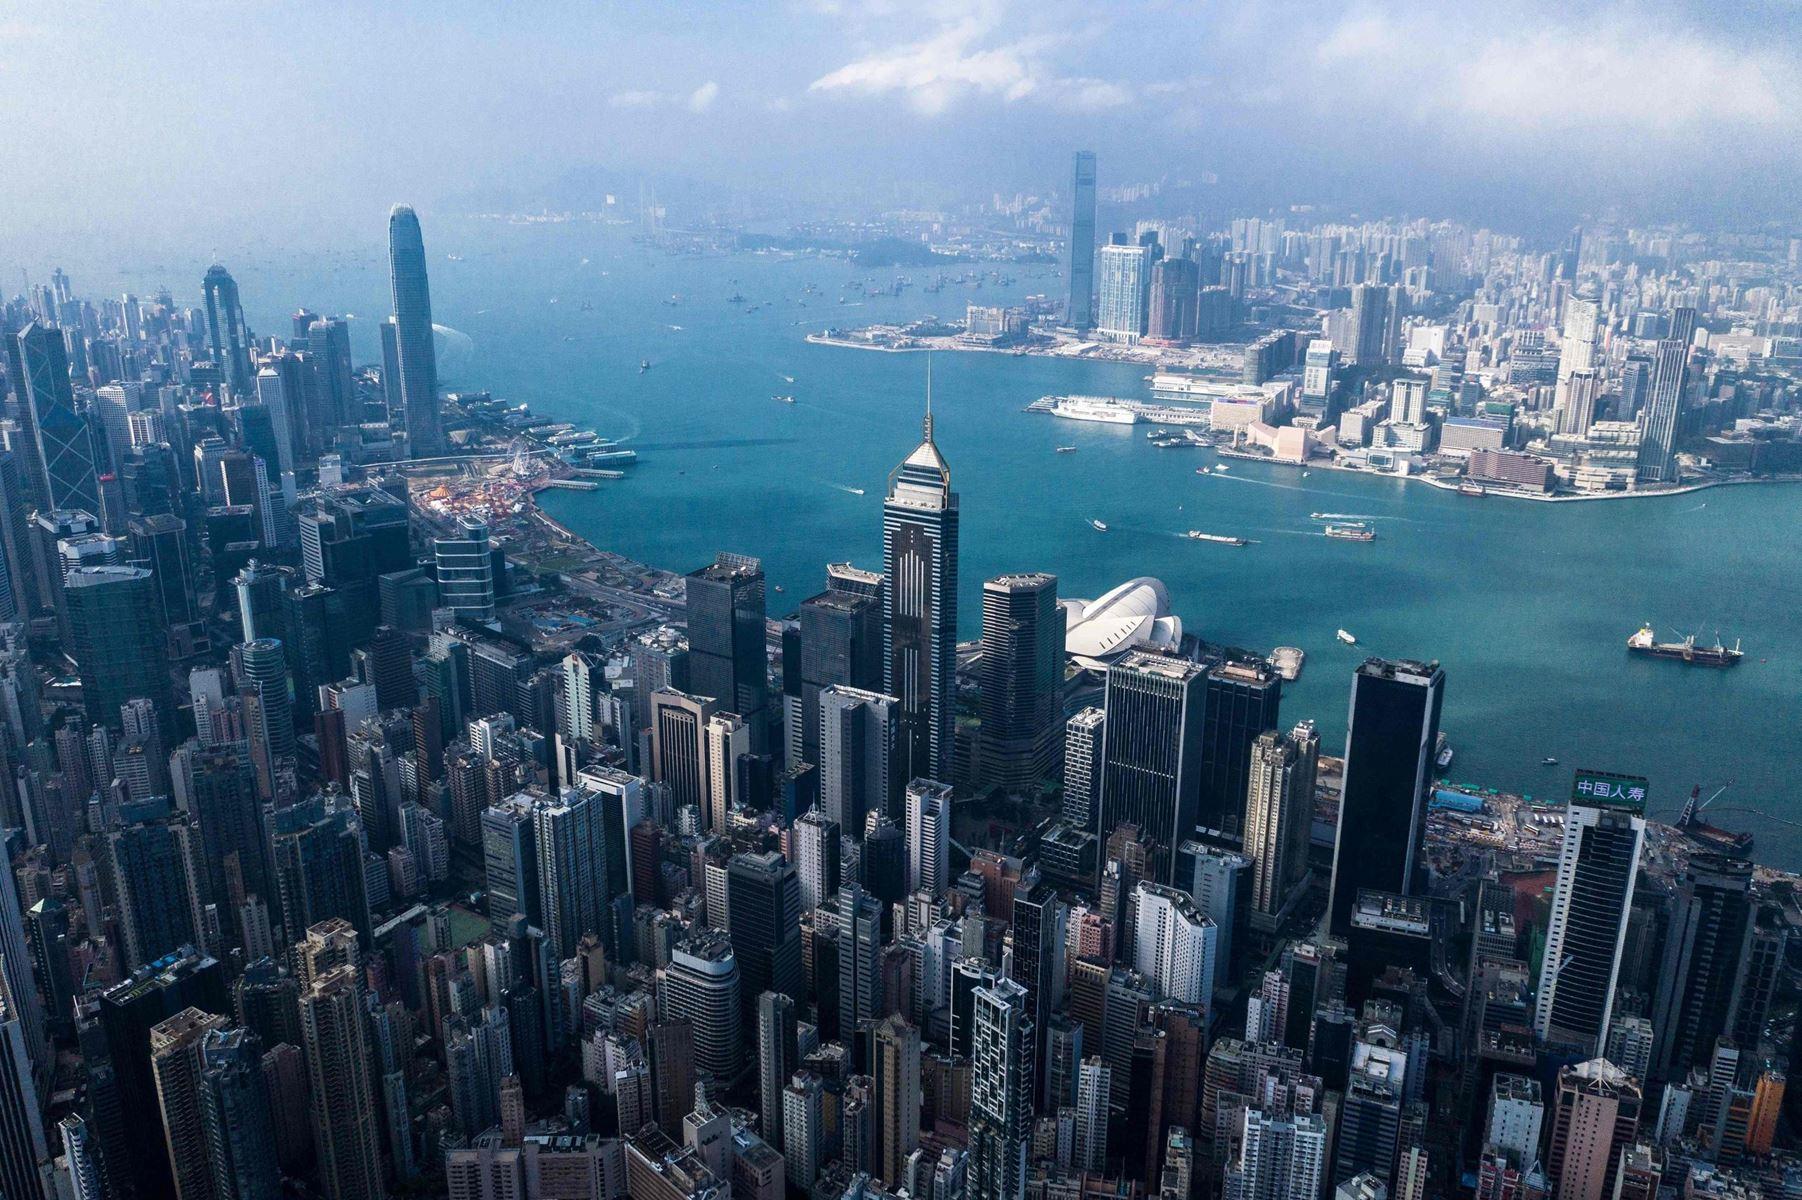 Hongkong mangler plads til den stadig voksende befolkning. Nu vil bystyret bygge kunstig ø på 1000 hektar.